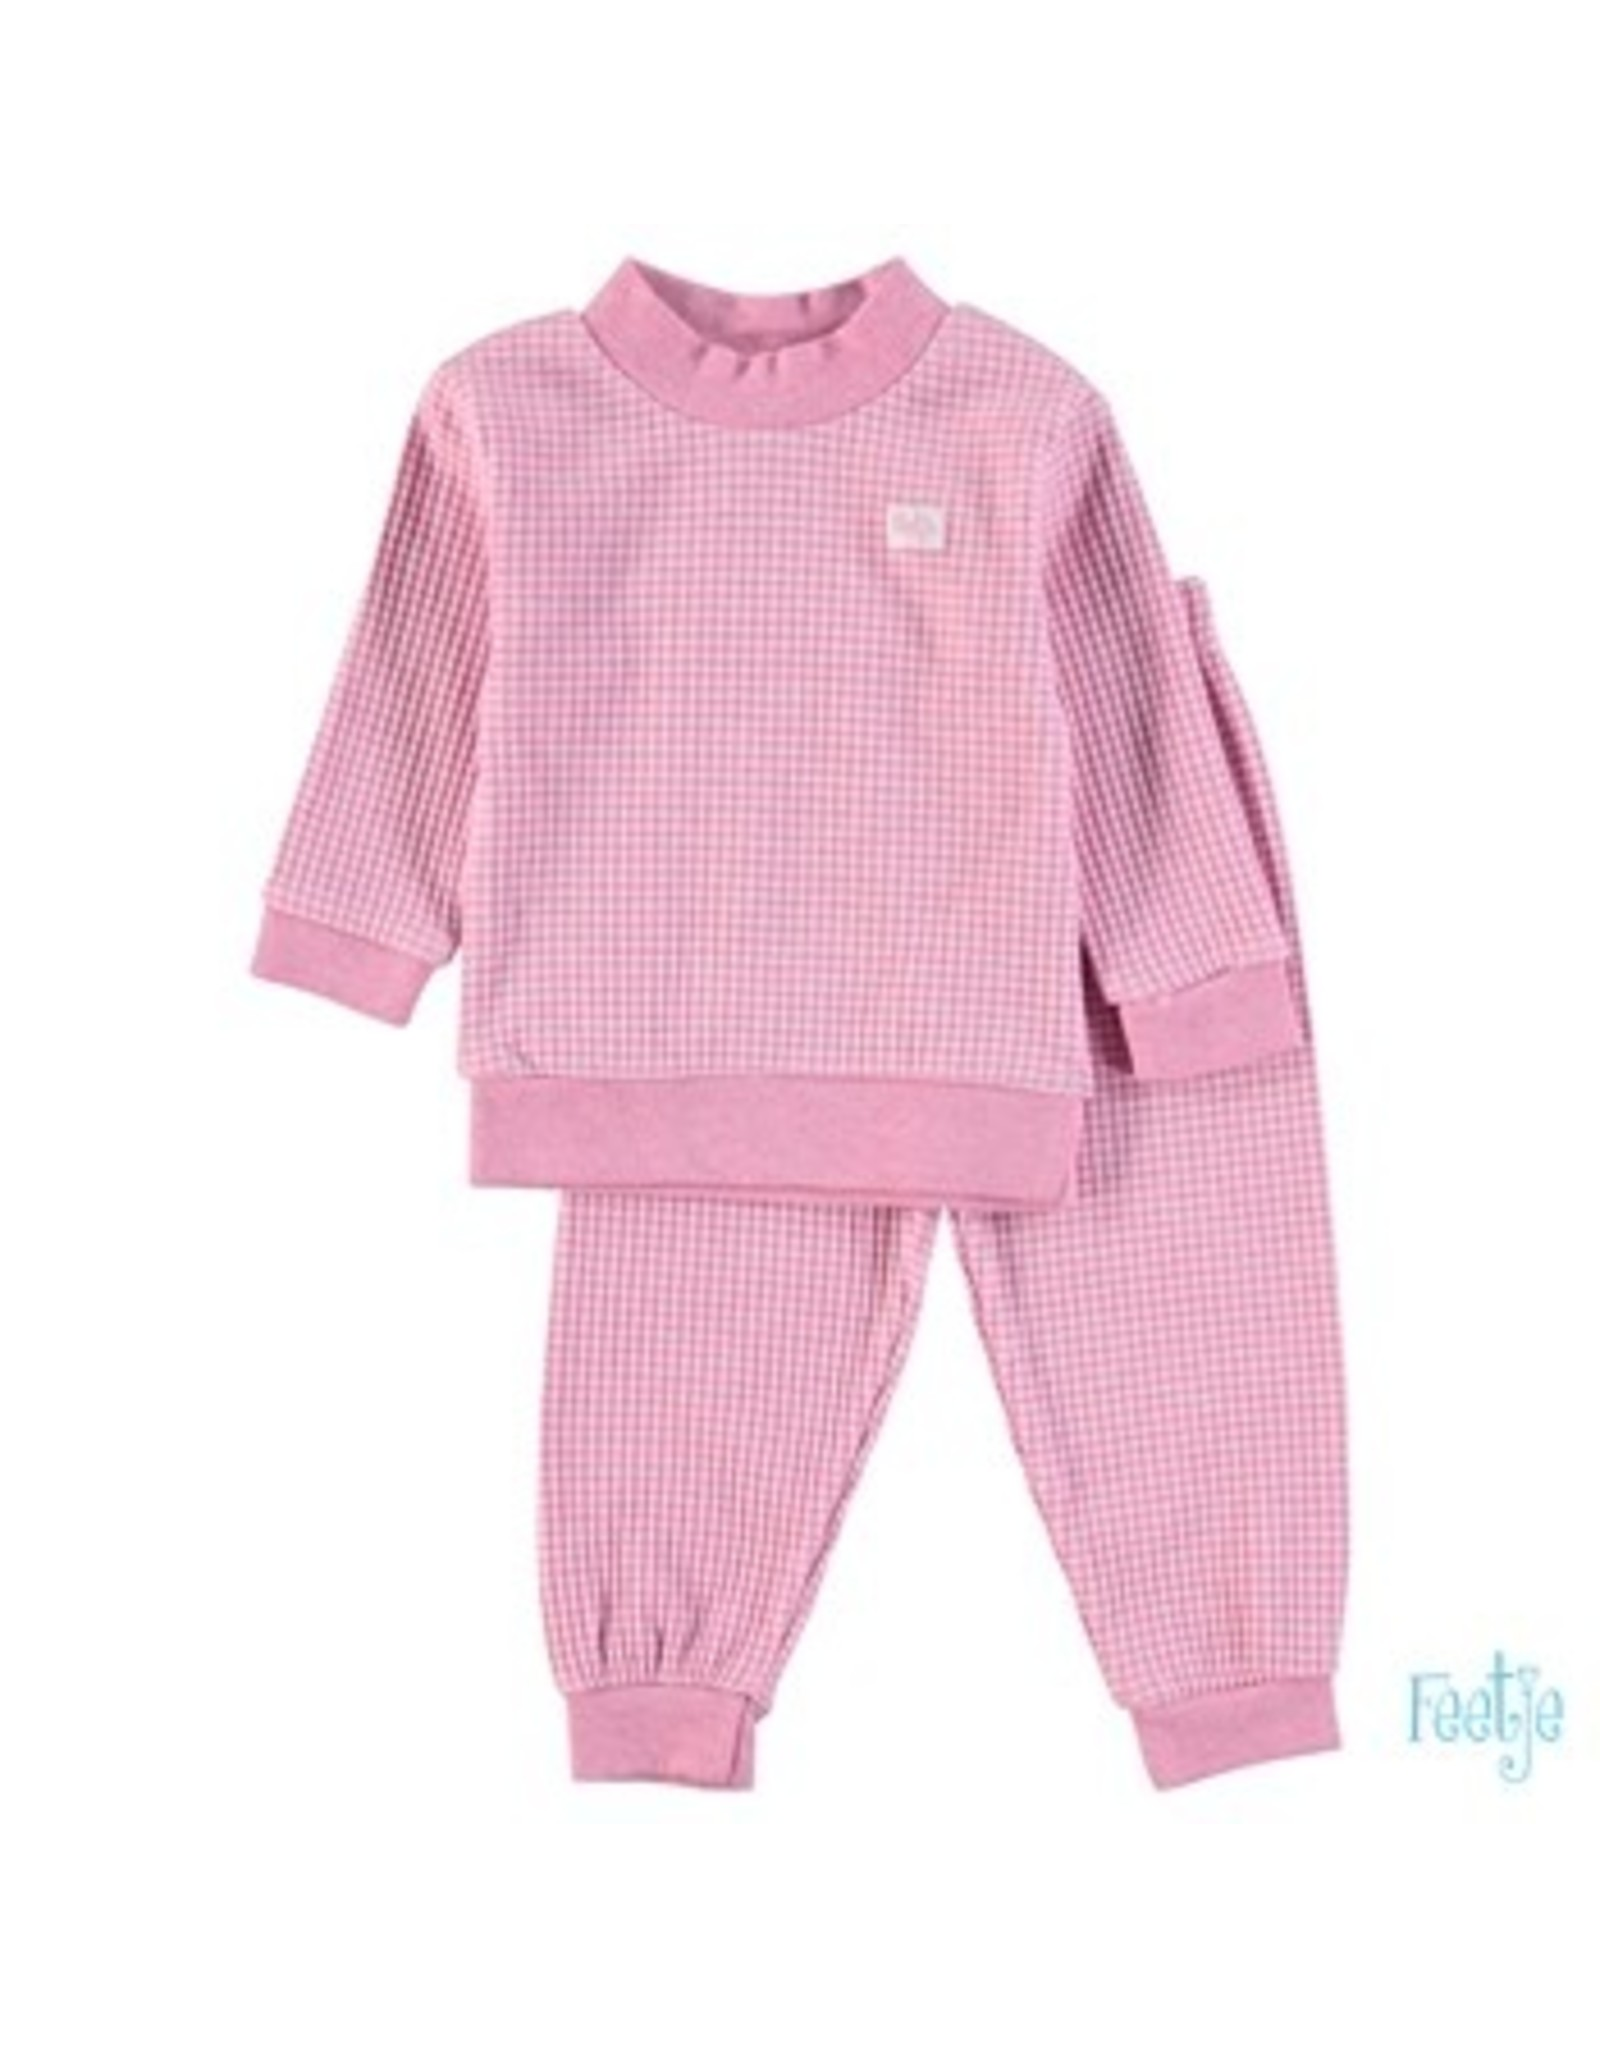 Feetje Pyjama Roze kids